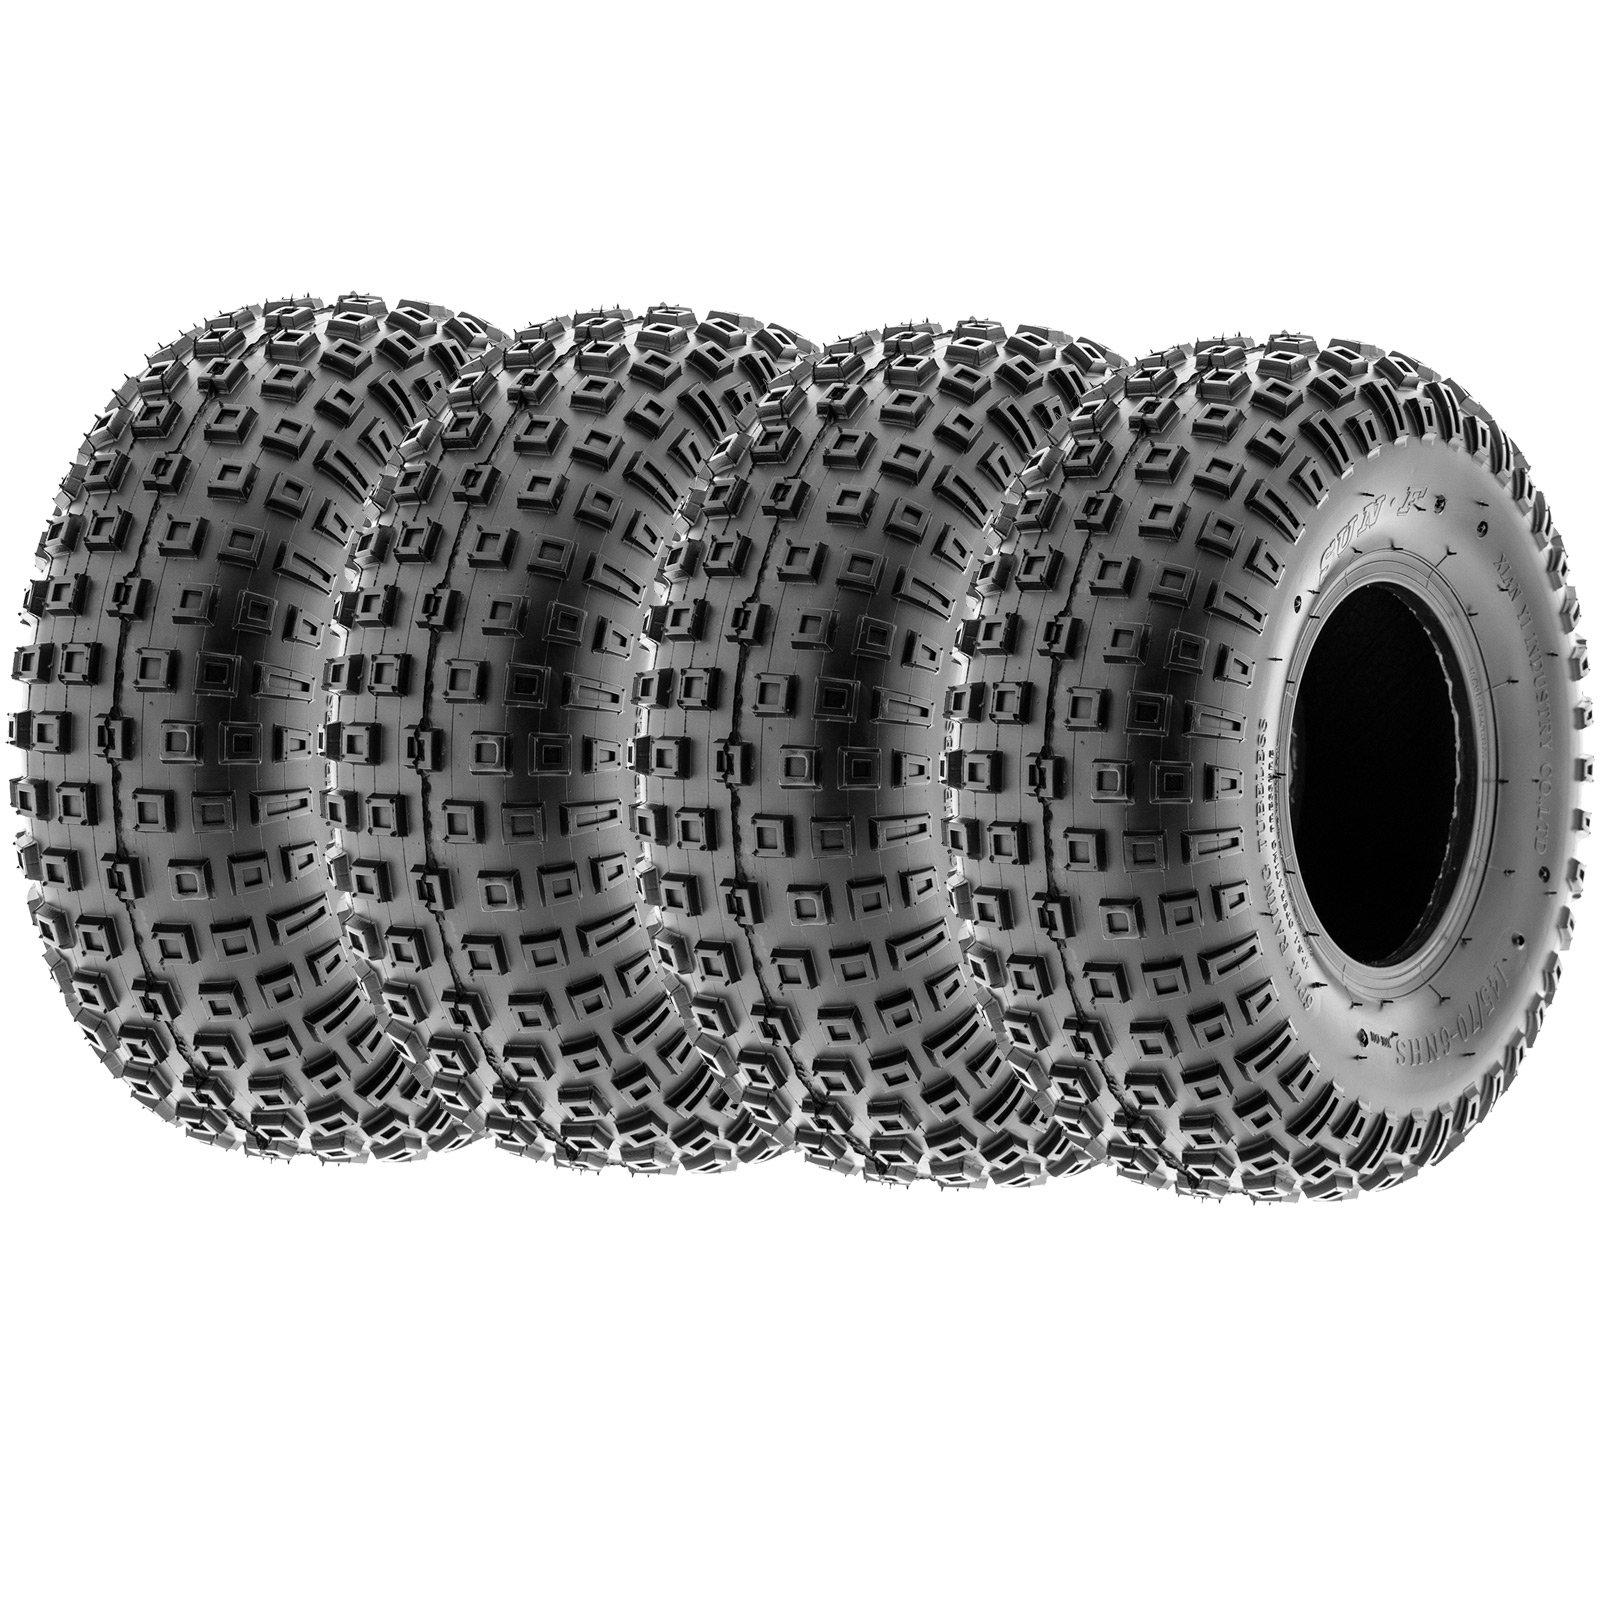 SunF Knobby Go Kart / ATV Tires 145/70-6 145/70x6 4 PR A011 (Full set of 4)